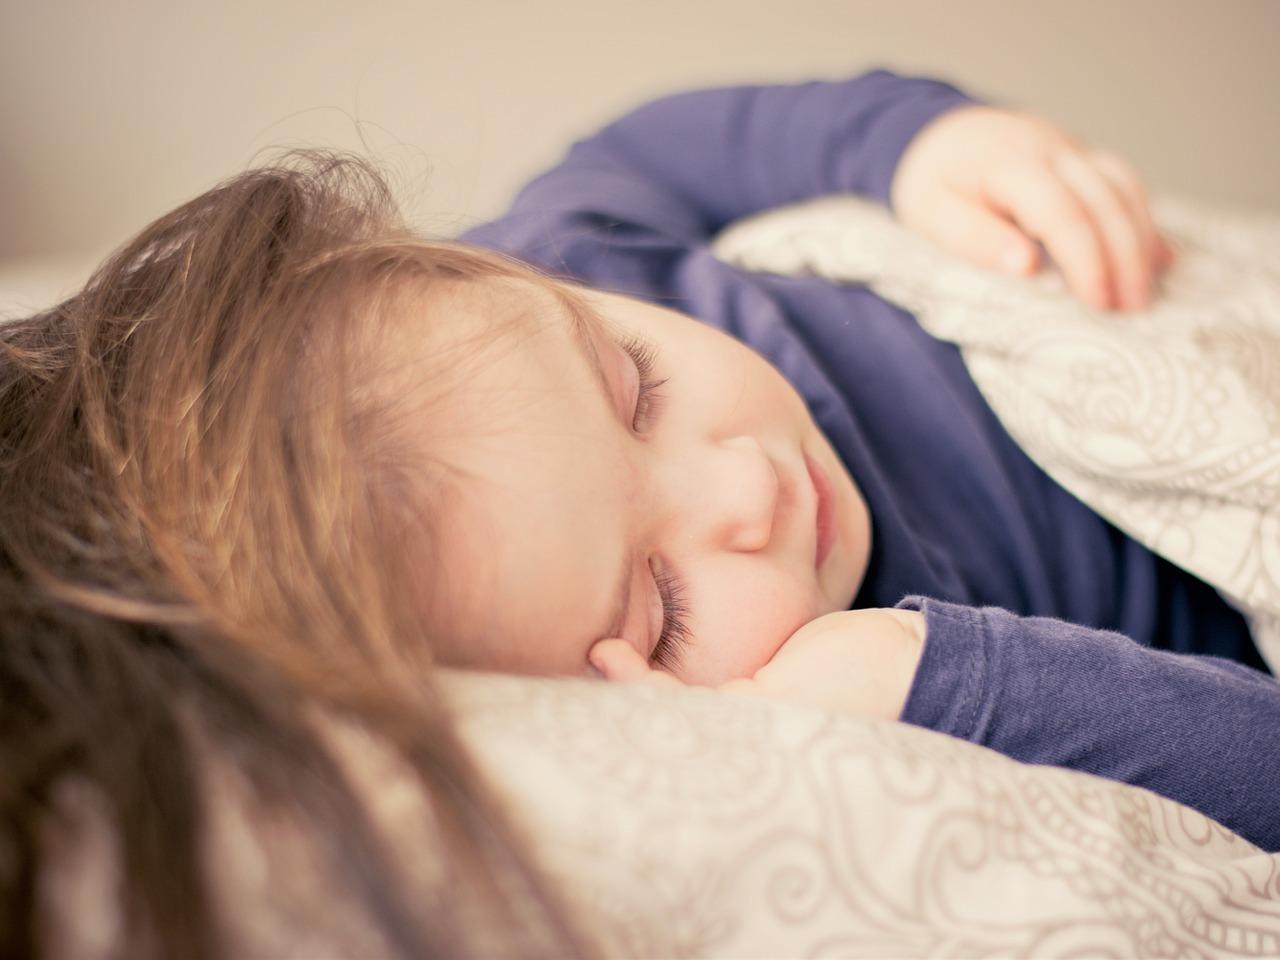 Dinkelkissen sind besonders schonend und deshalb auch für Kinder geeignet.